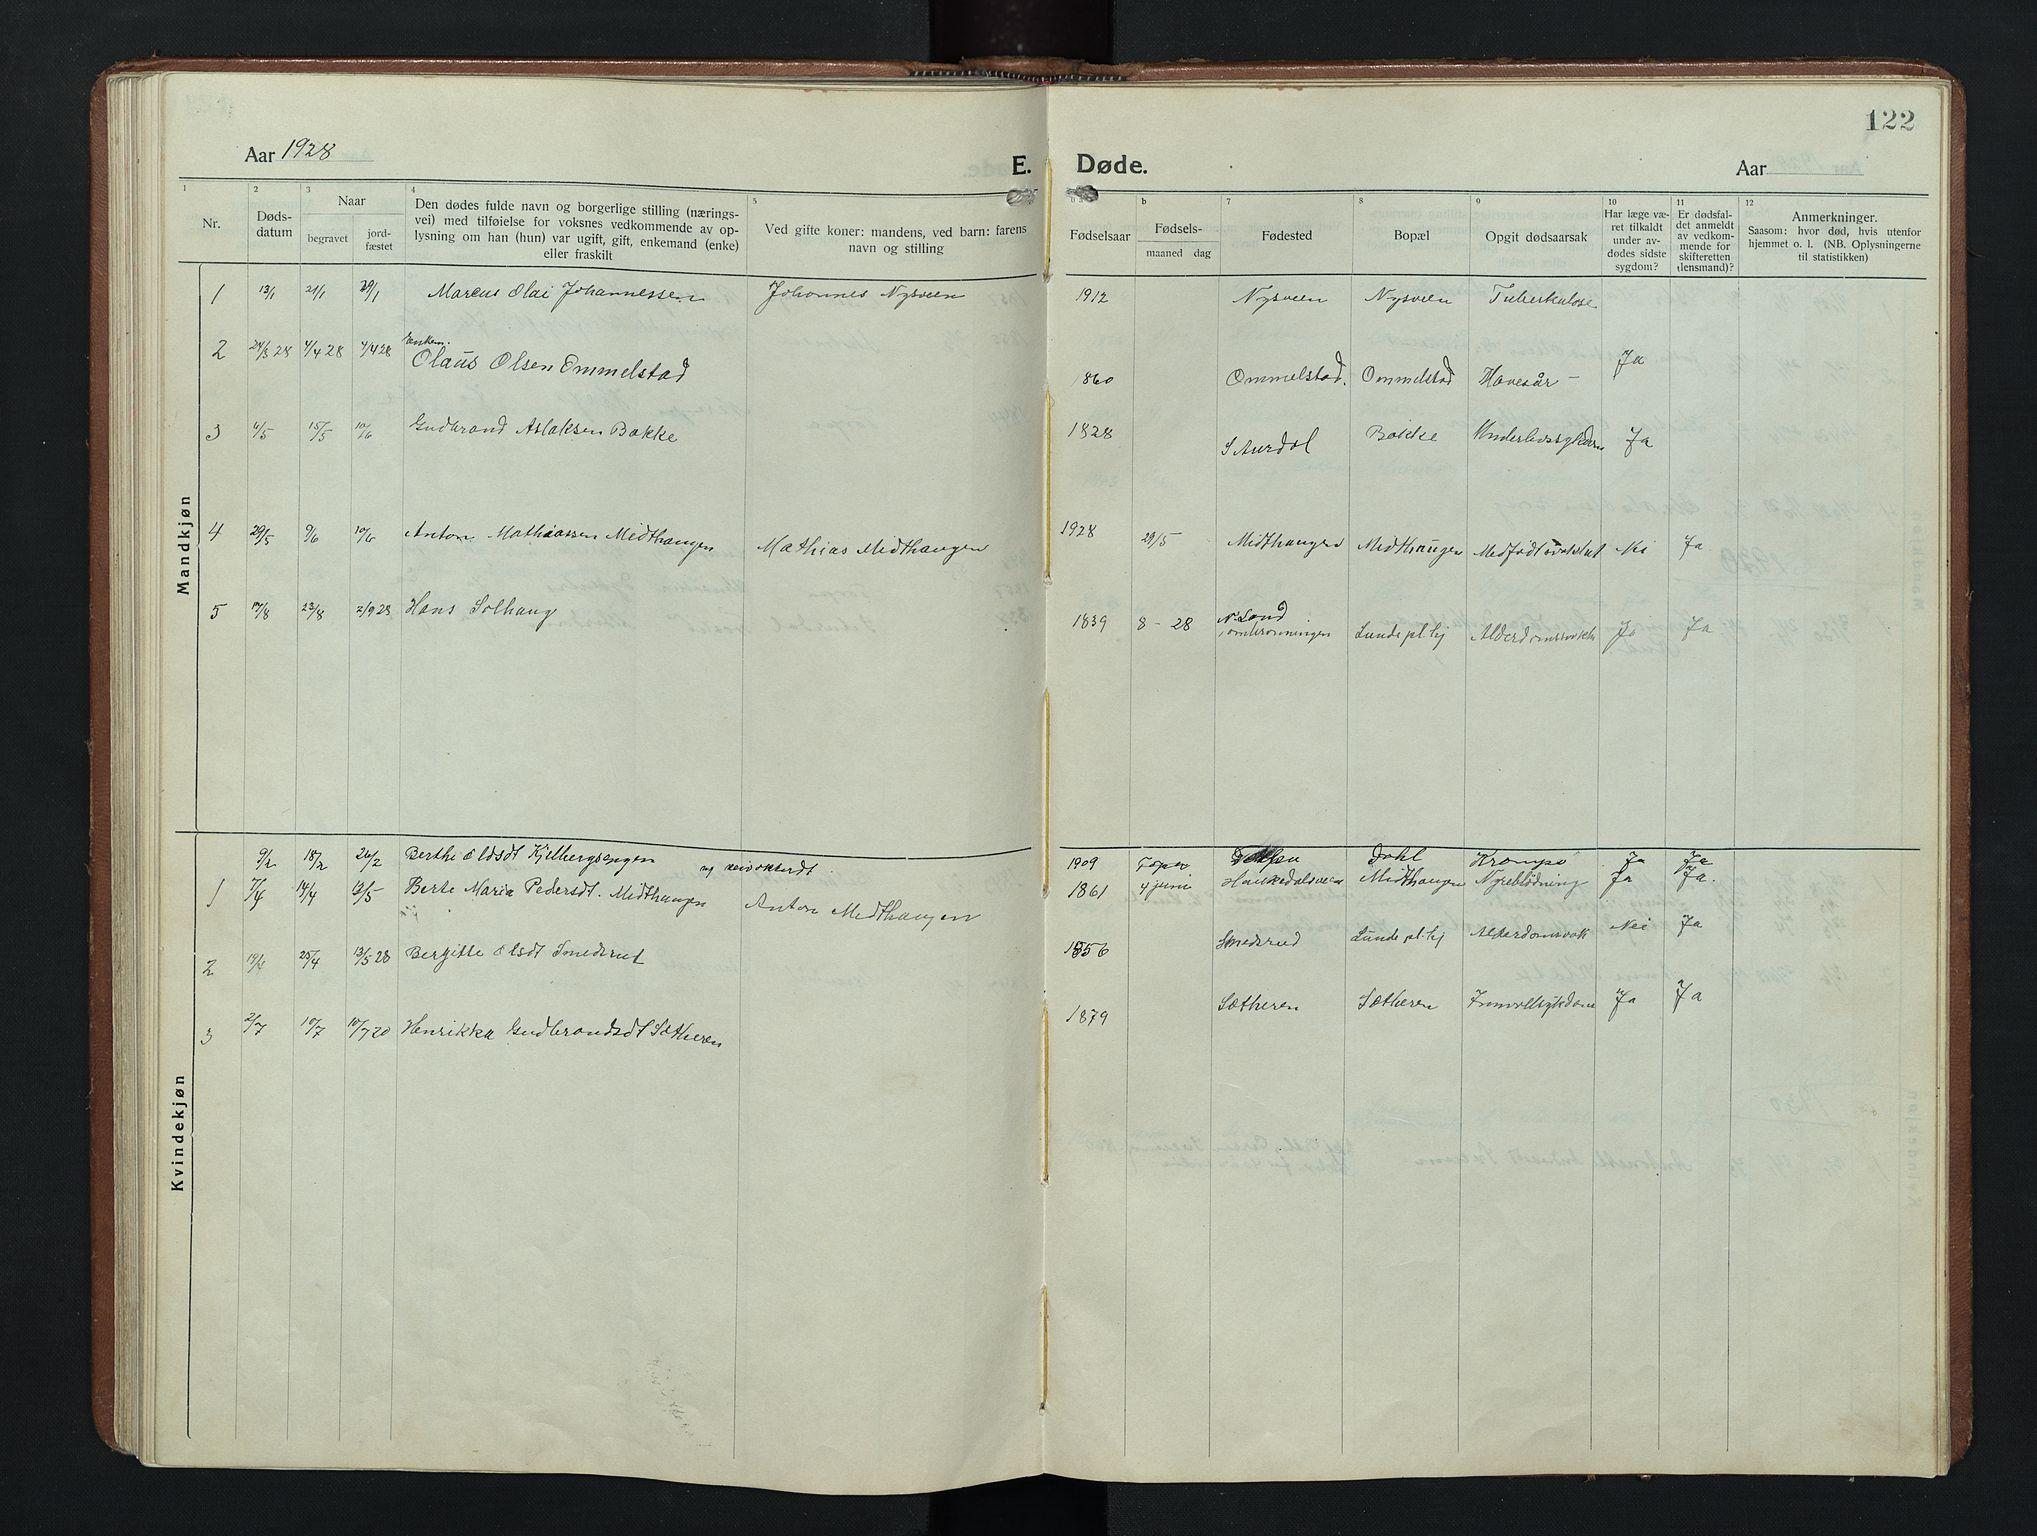 SAH, Nordre Land prestekontor, Klokkerbok nr. 9, 1921-1956, s. 122